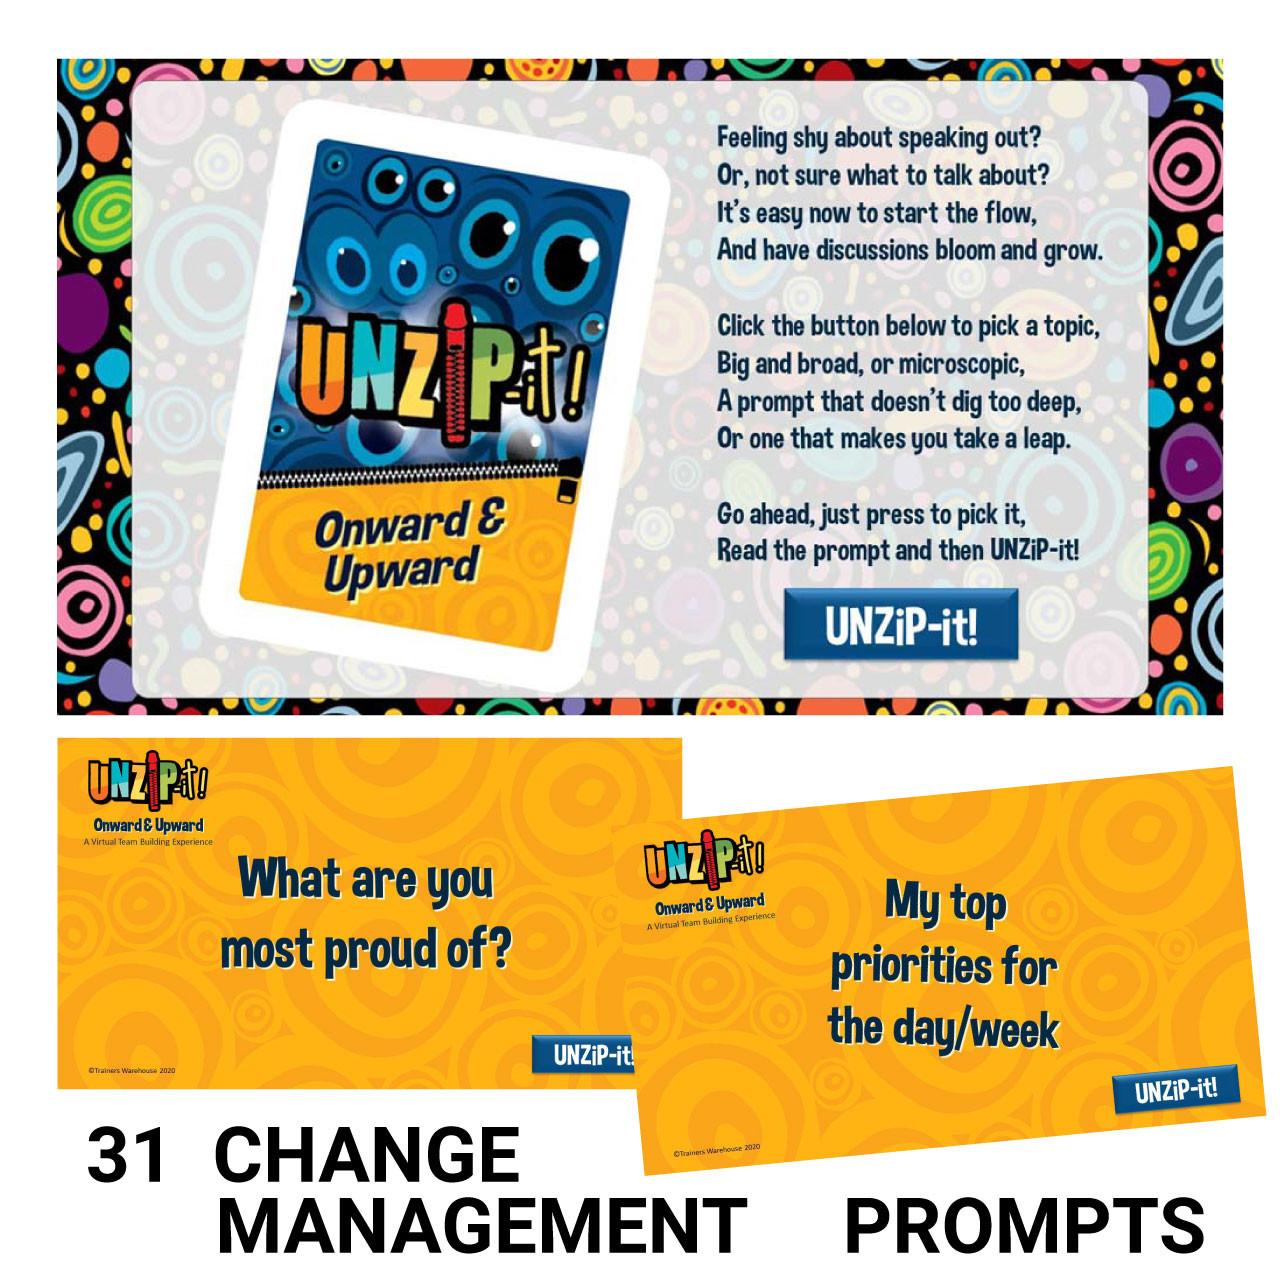 UNZiP-it! Remote w/ Onward & Upward Prompts